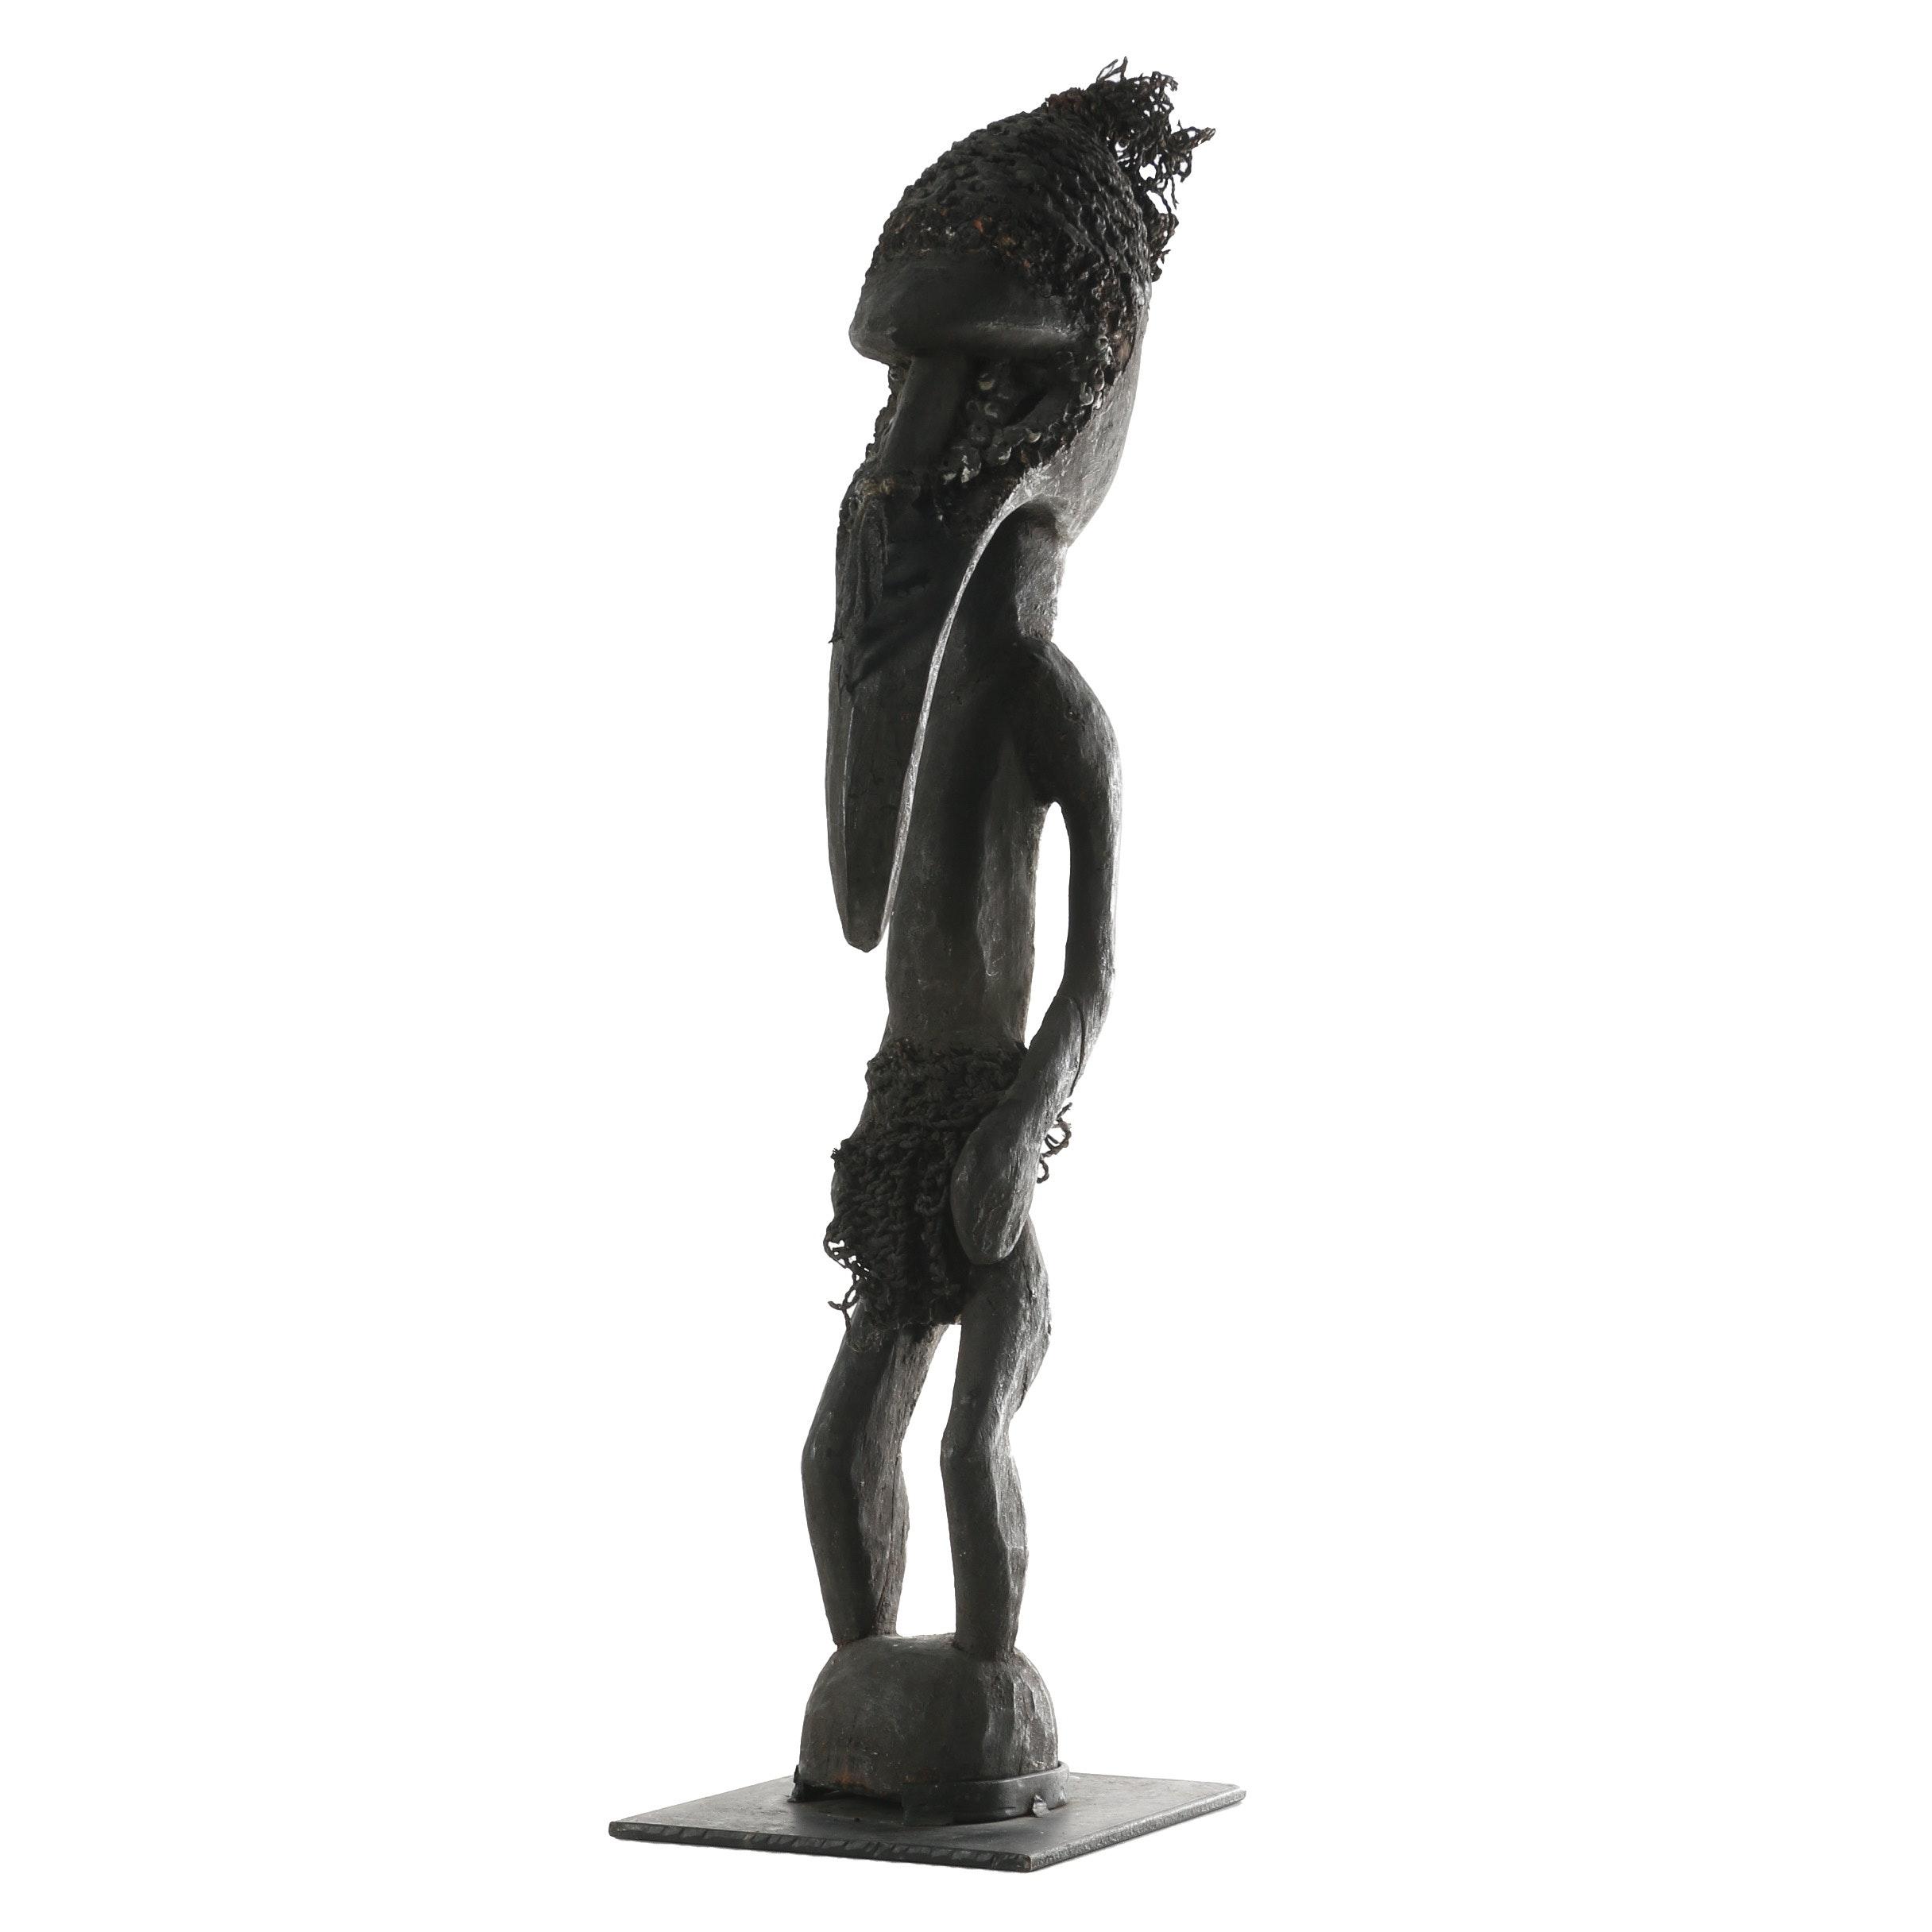 Vintage New Guinea Carved Wood Ancestral Figure